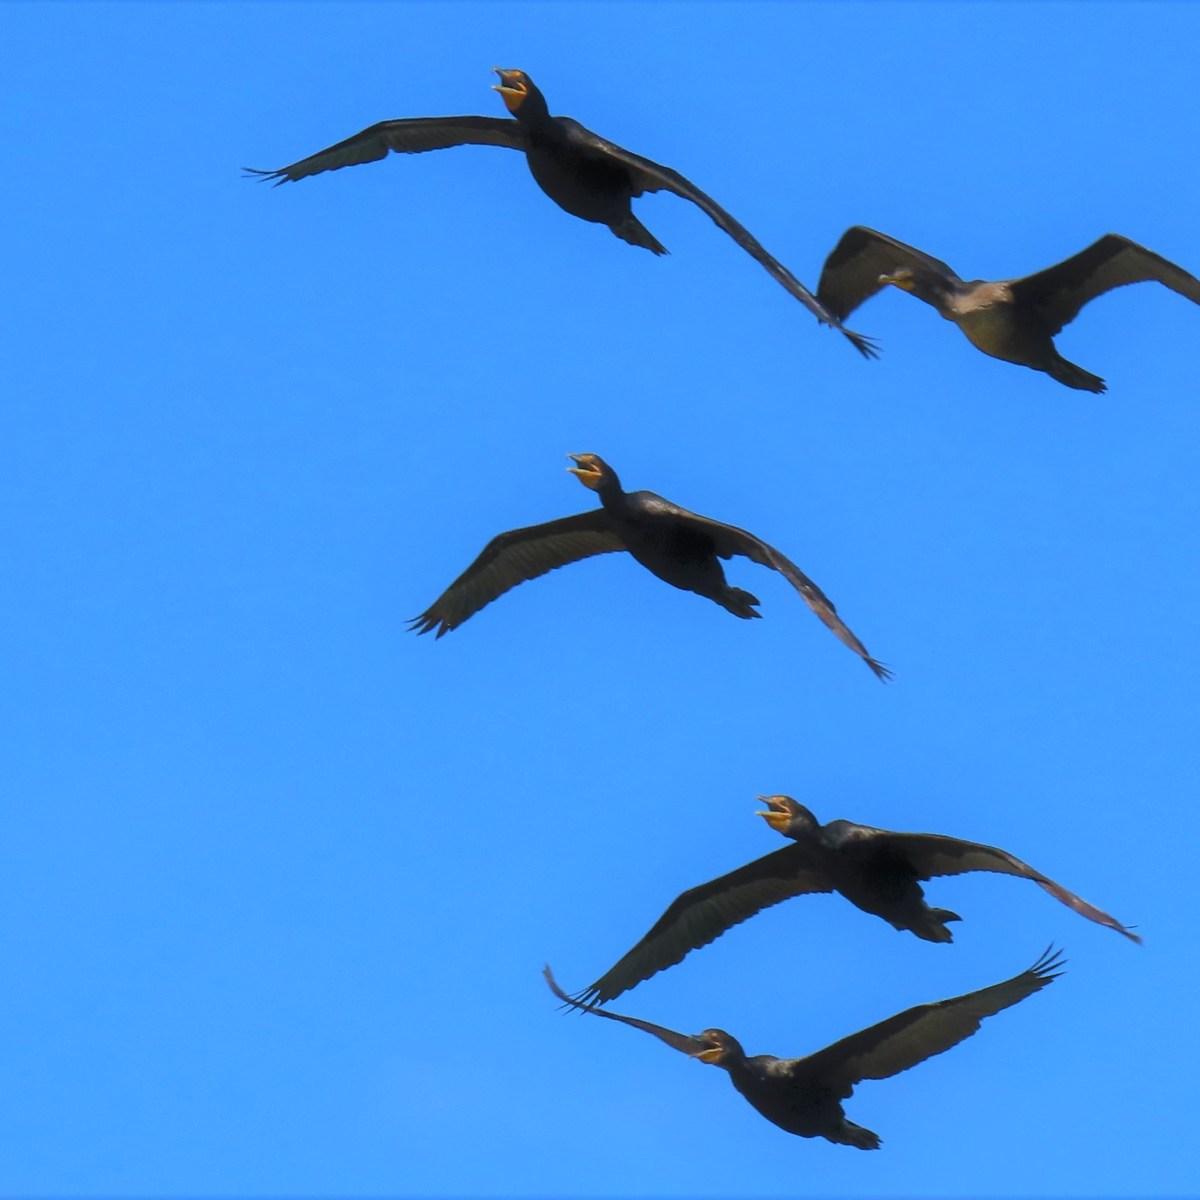 Cormorants flying in blue sky